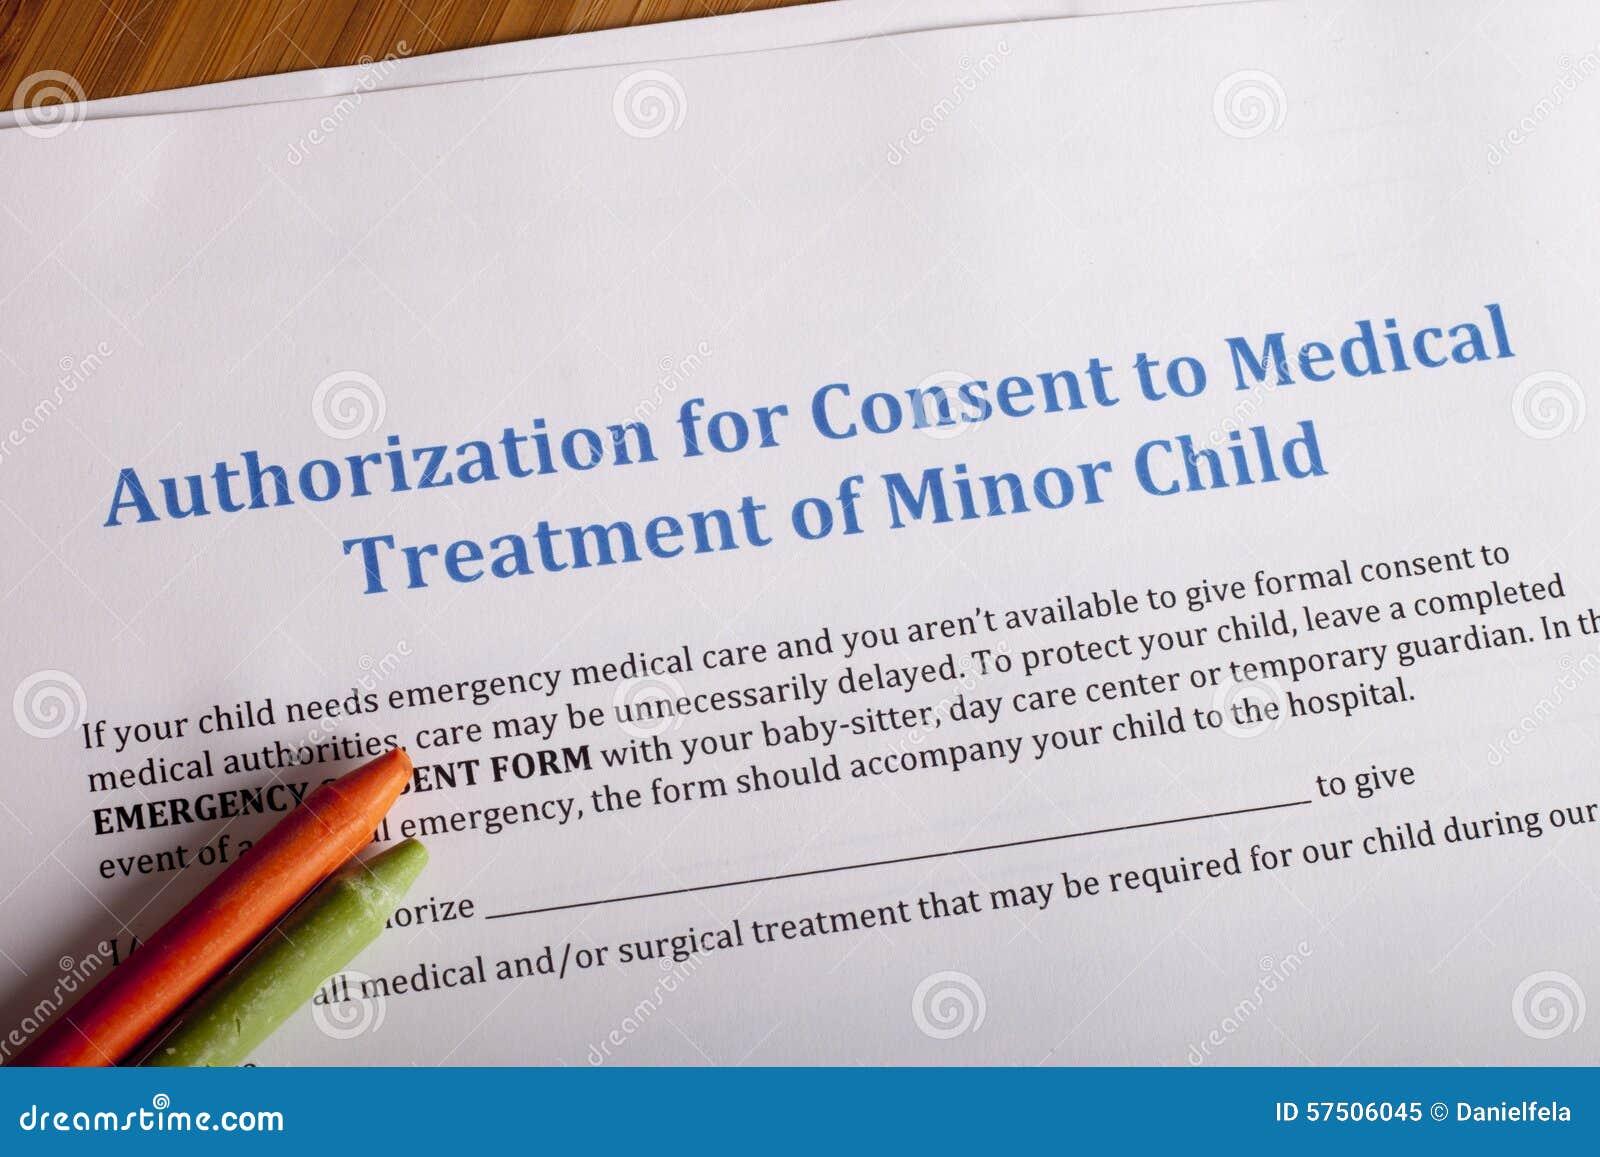 Medical Authorization Of Minor Child Stock Image - Image of ... on